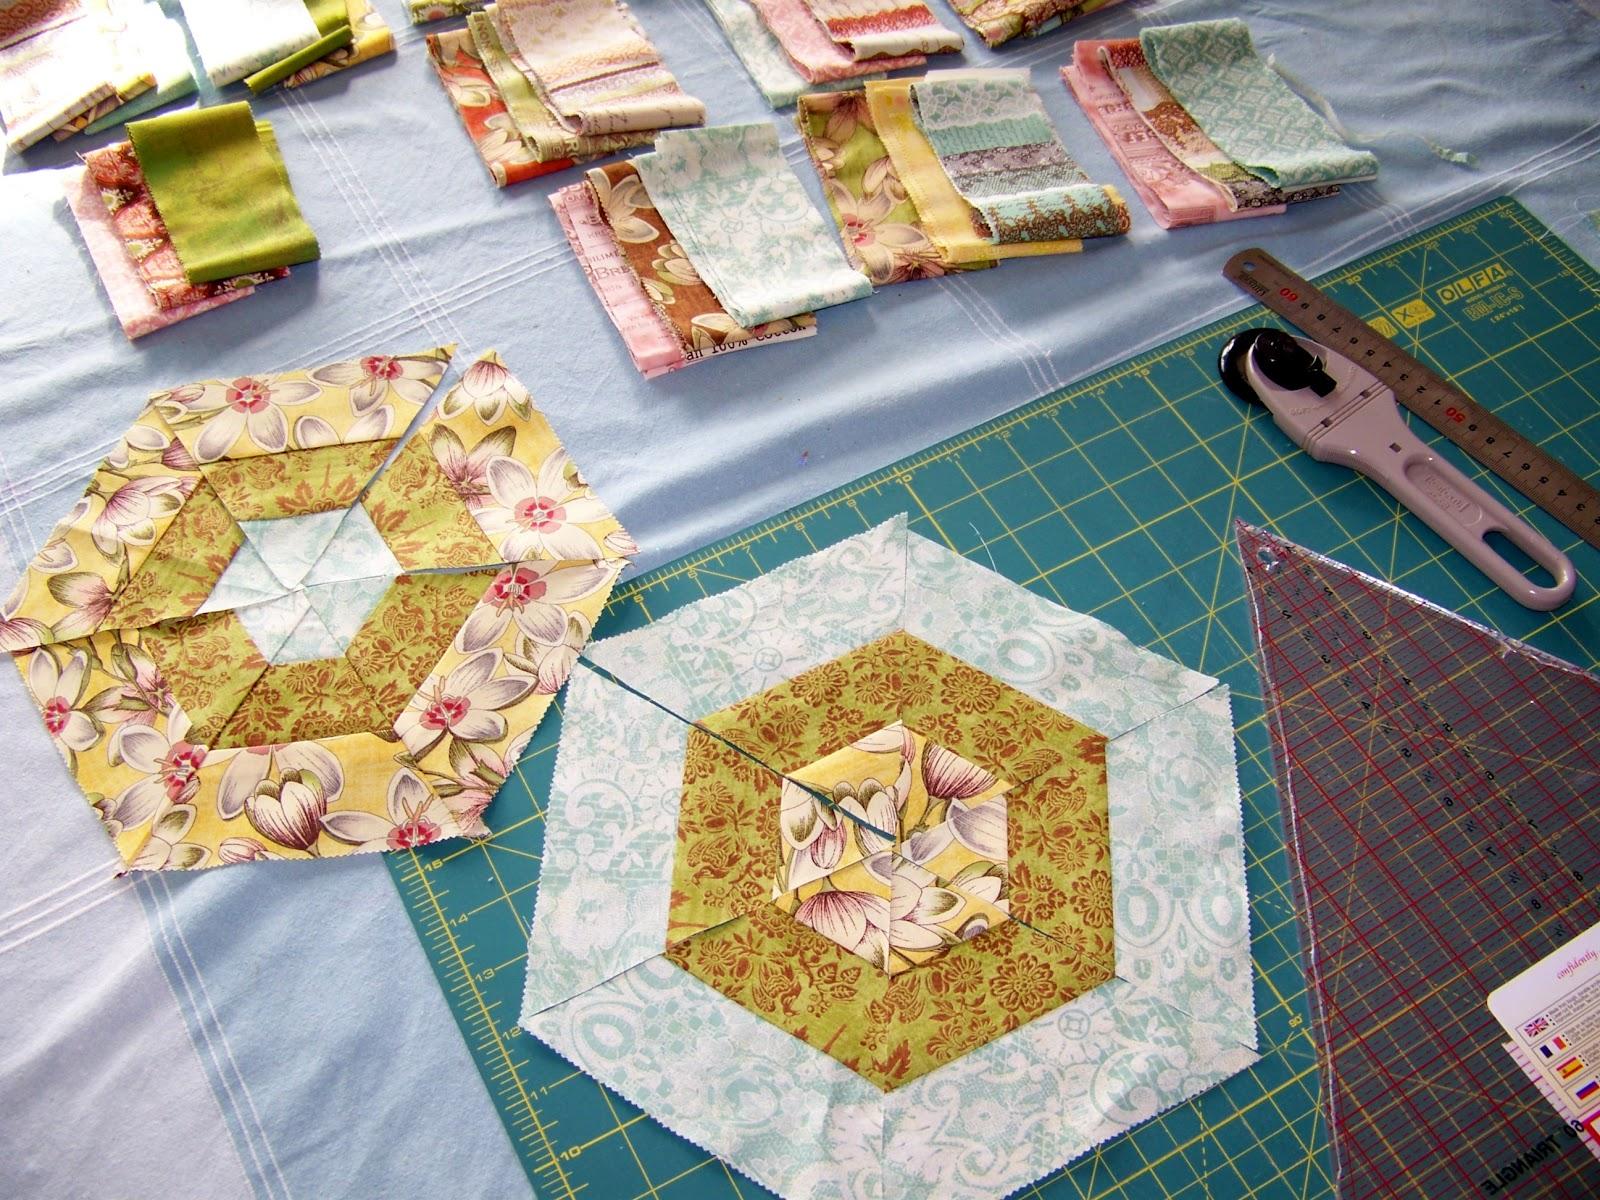 Cape Pincushion: Curio Merry Go Round Quilt project : merry go round quilt pattern - Adamdwight.com